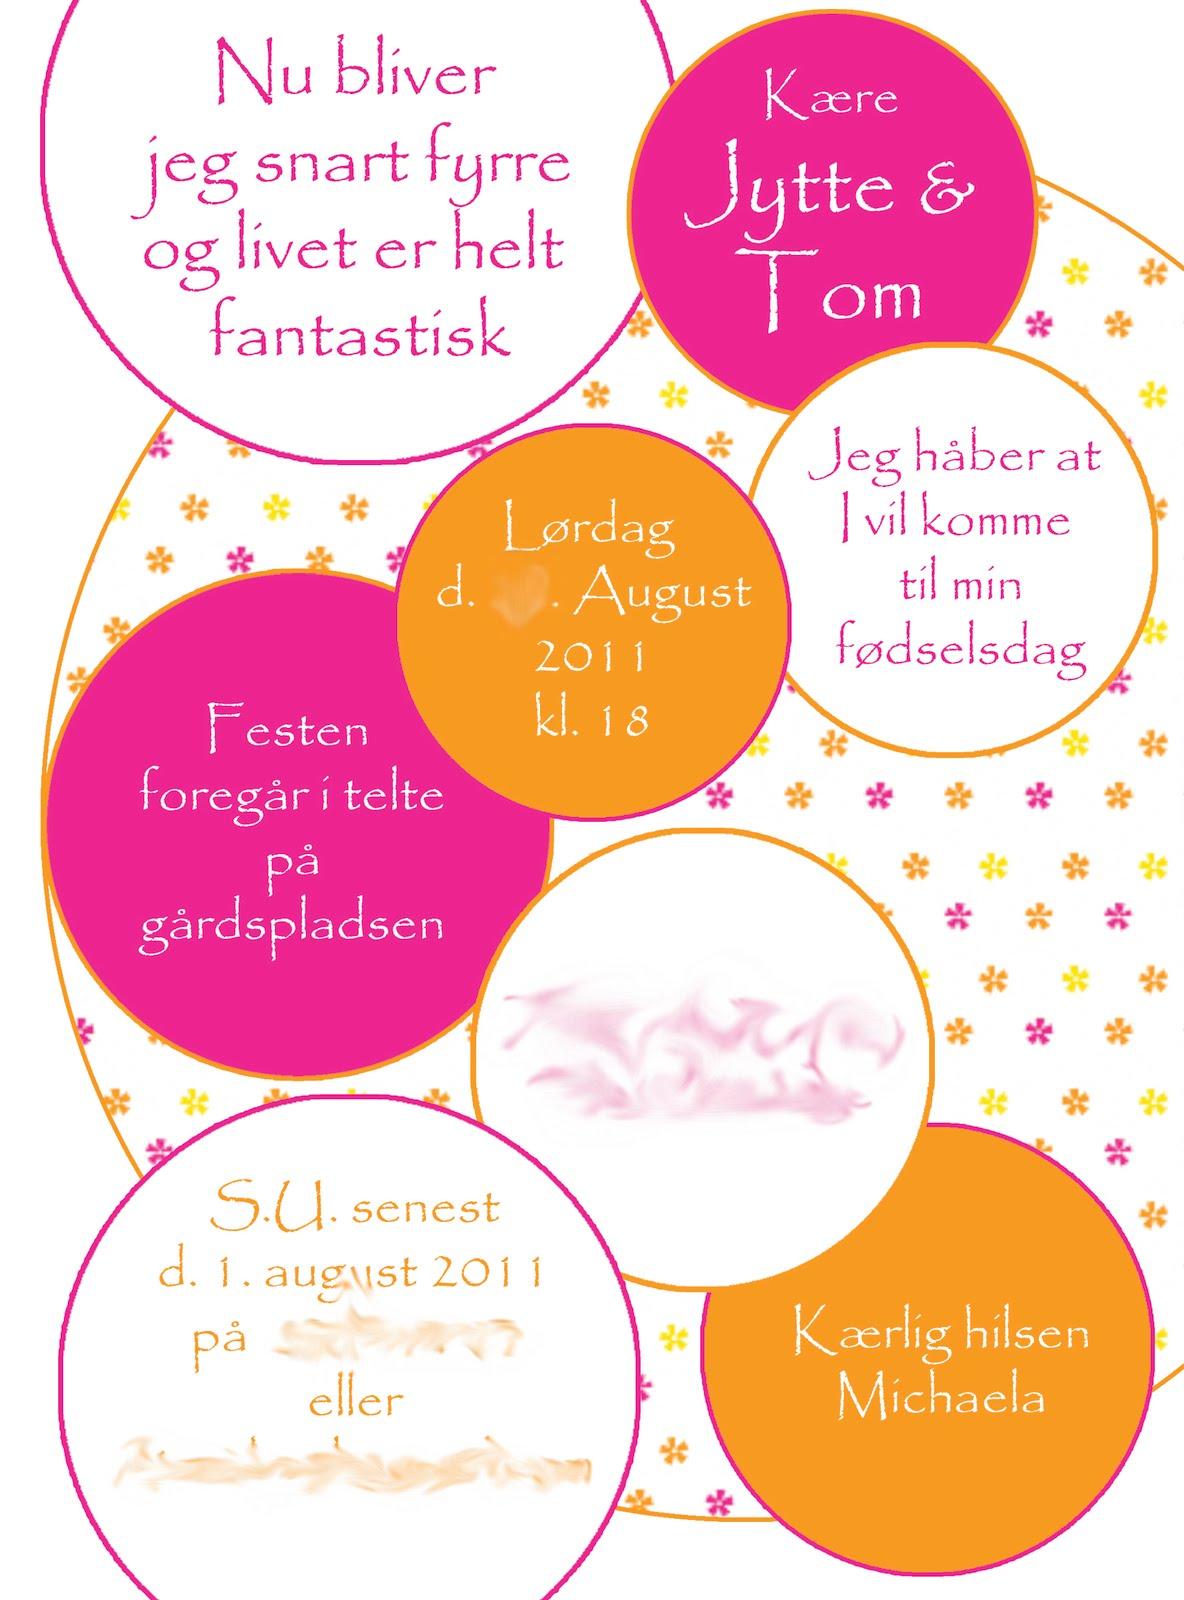 Den glade Bondepige: 2 dage i Sverige.